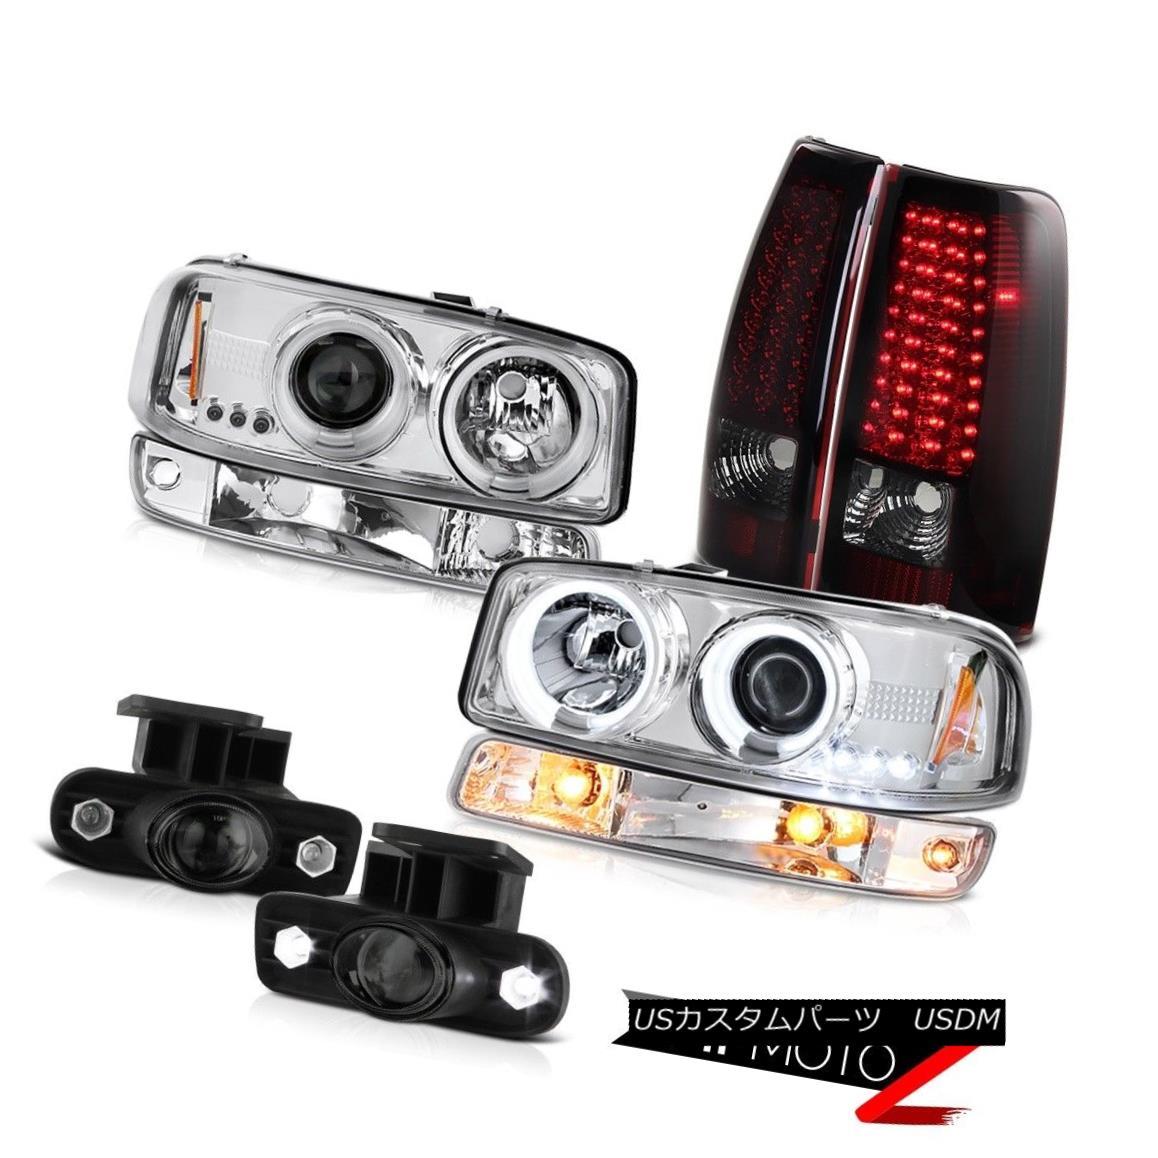 テールライト 99-02 Sierra SL Fog lamps rear smd brake euro clear bumper light ccfl Headlamps 99-02シエラSLフォグランプリアスマートブレーキユーロクリアバンパーライトccflヘッドランプ